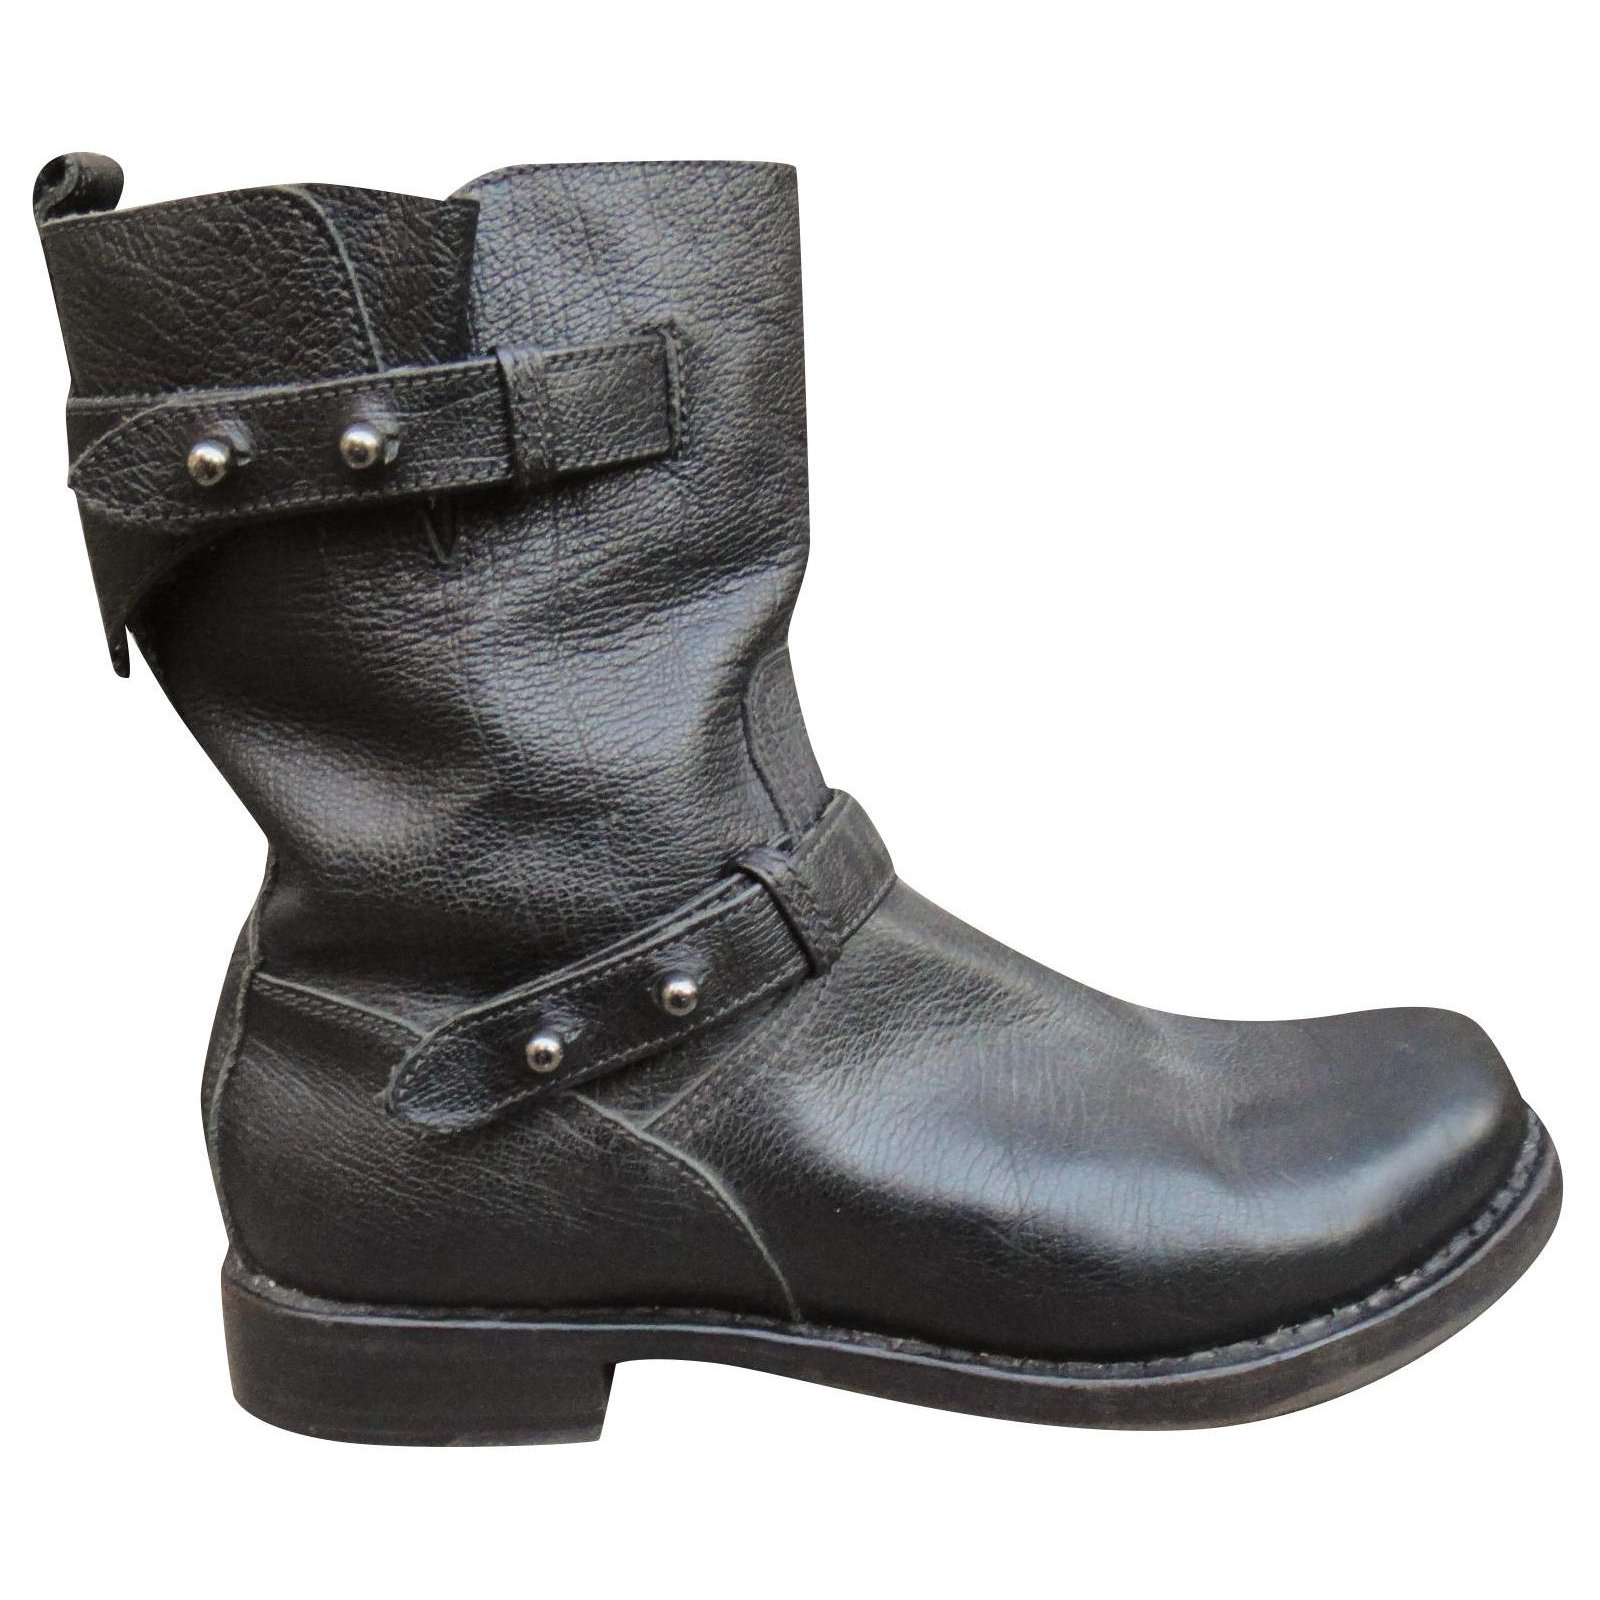 Rag \u0026 Bone Rag \u0026 Bone boots Ankle Boots